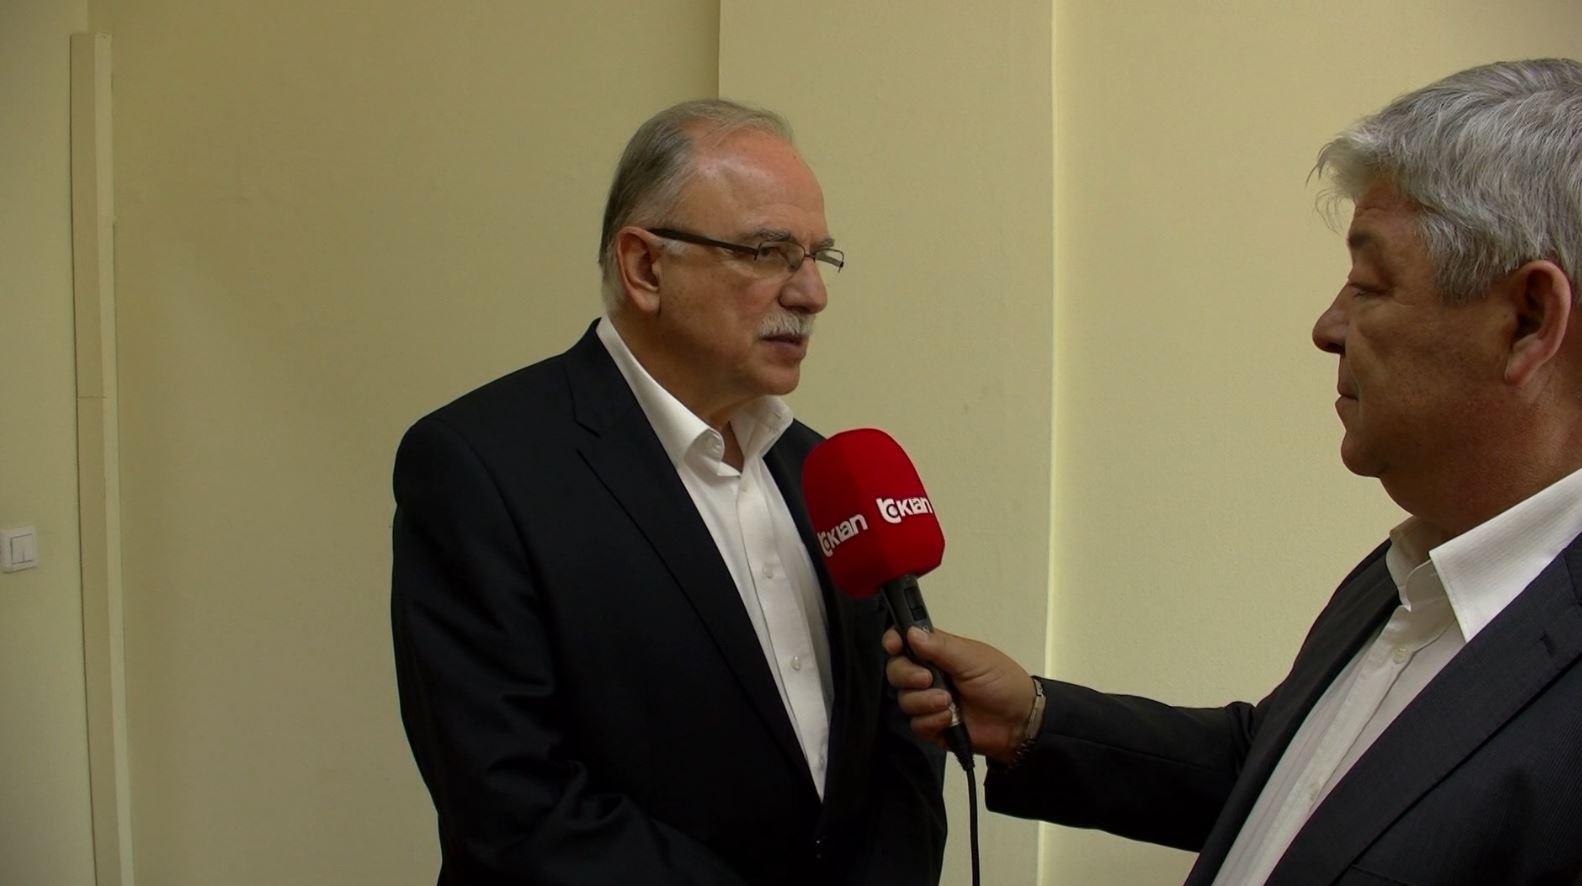 Numri dy i PE-së optimist për hapjen e negociatave për Shqipërinë